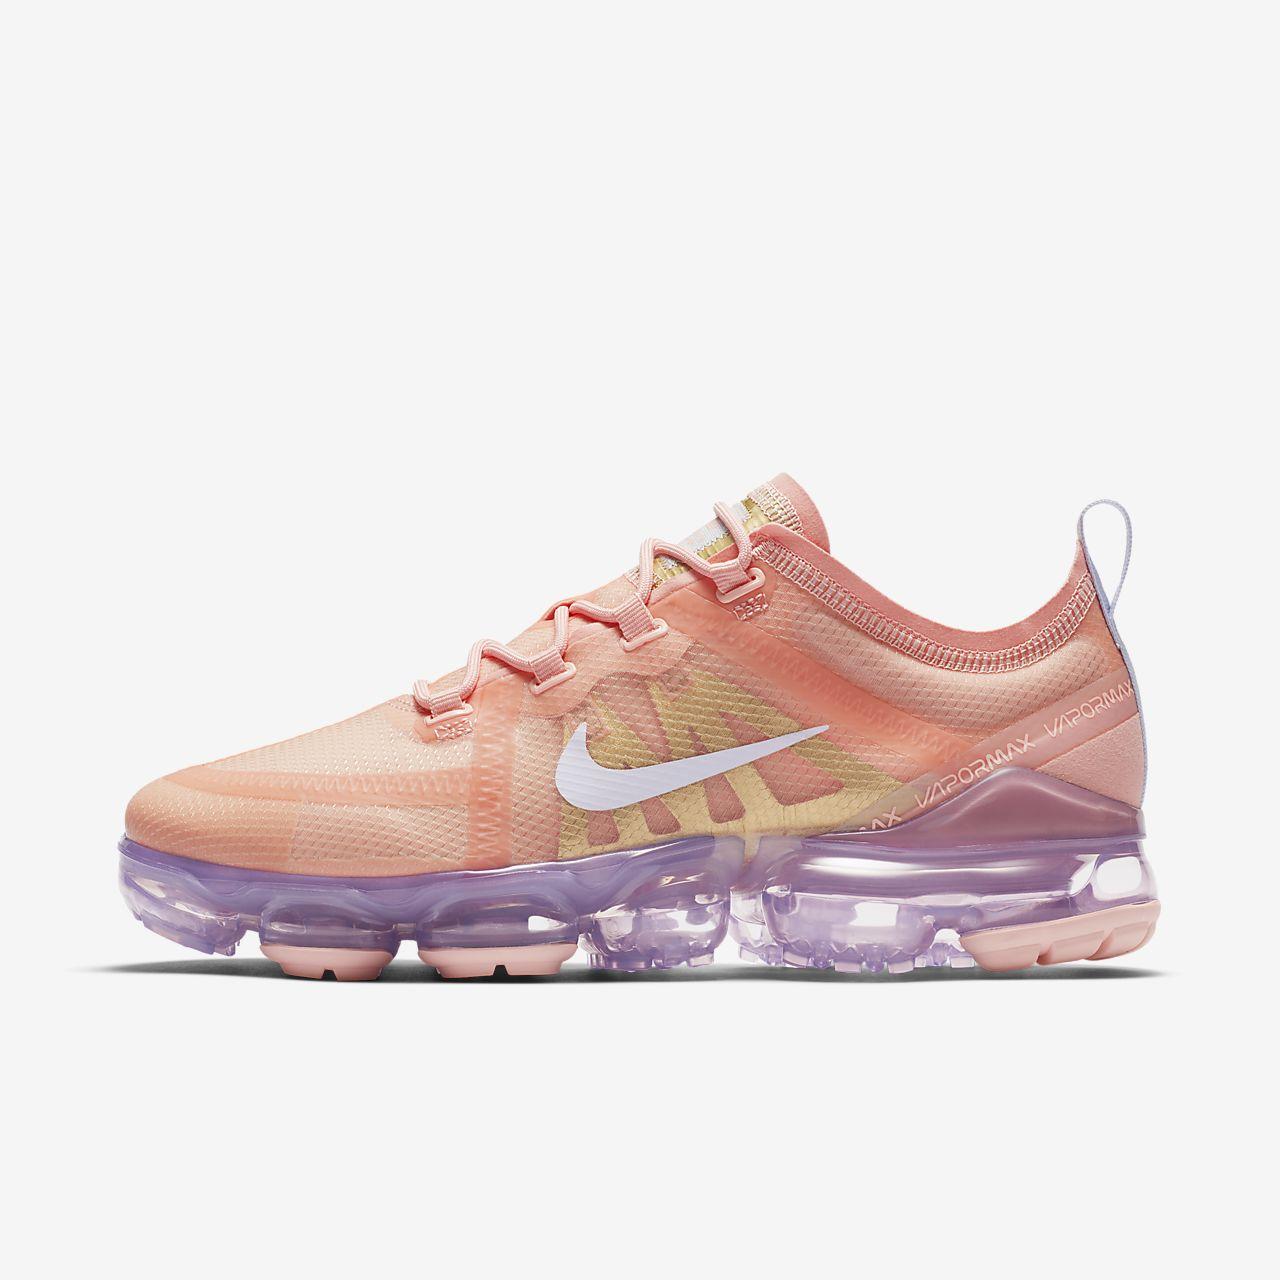 scarpe donna nike bianche 2019